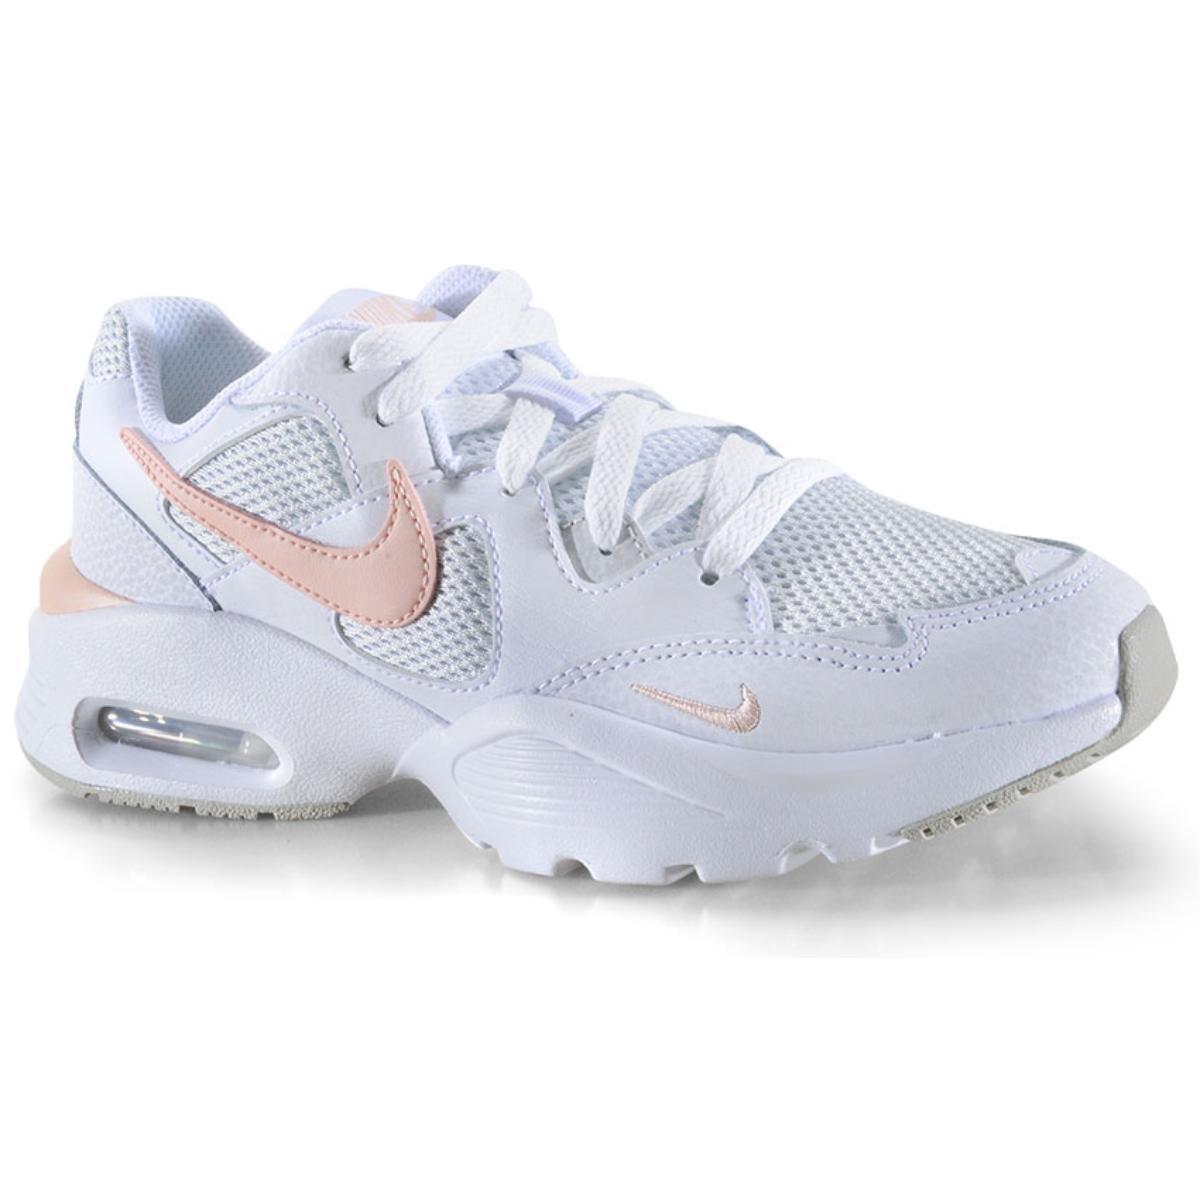 Tênis Feminino Nike Cj1671-101 Air Max Fusion Branco/cinza/pêssego